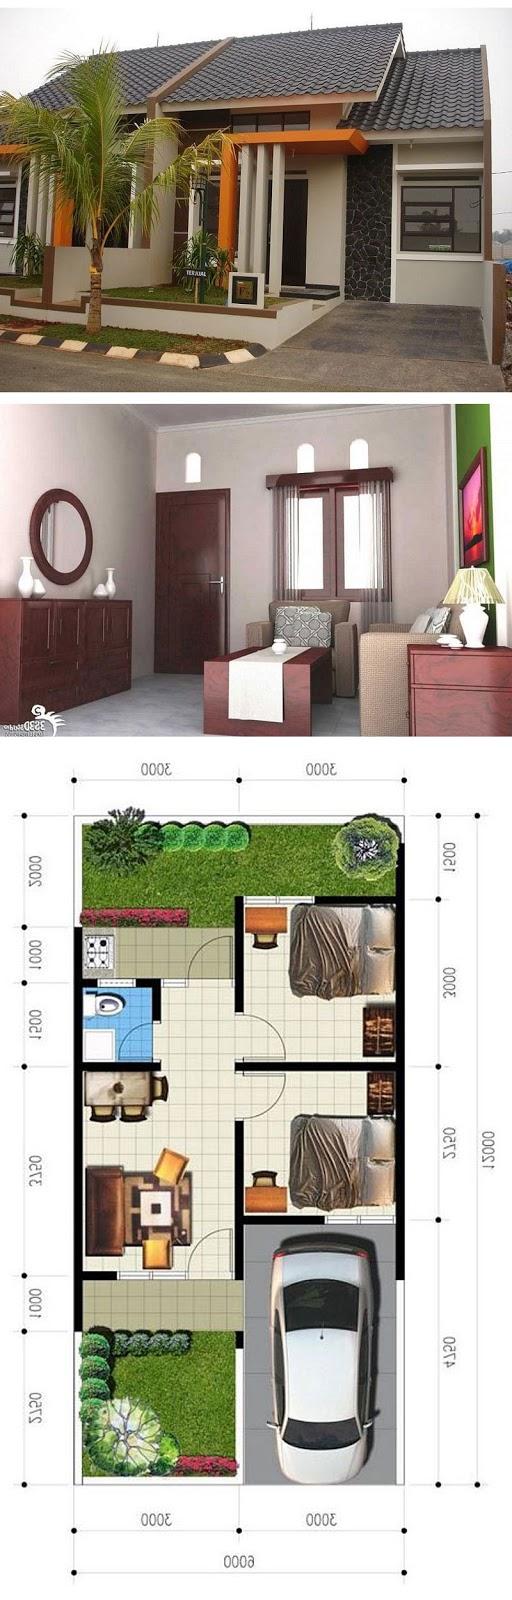 contoh denah dan desain rumah minimalis idaman